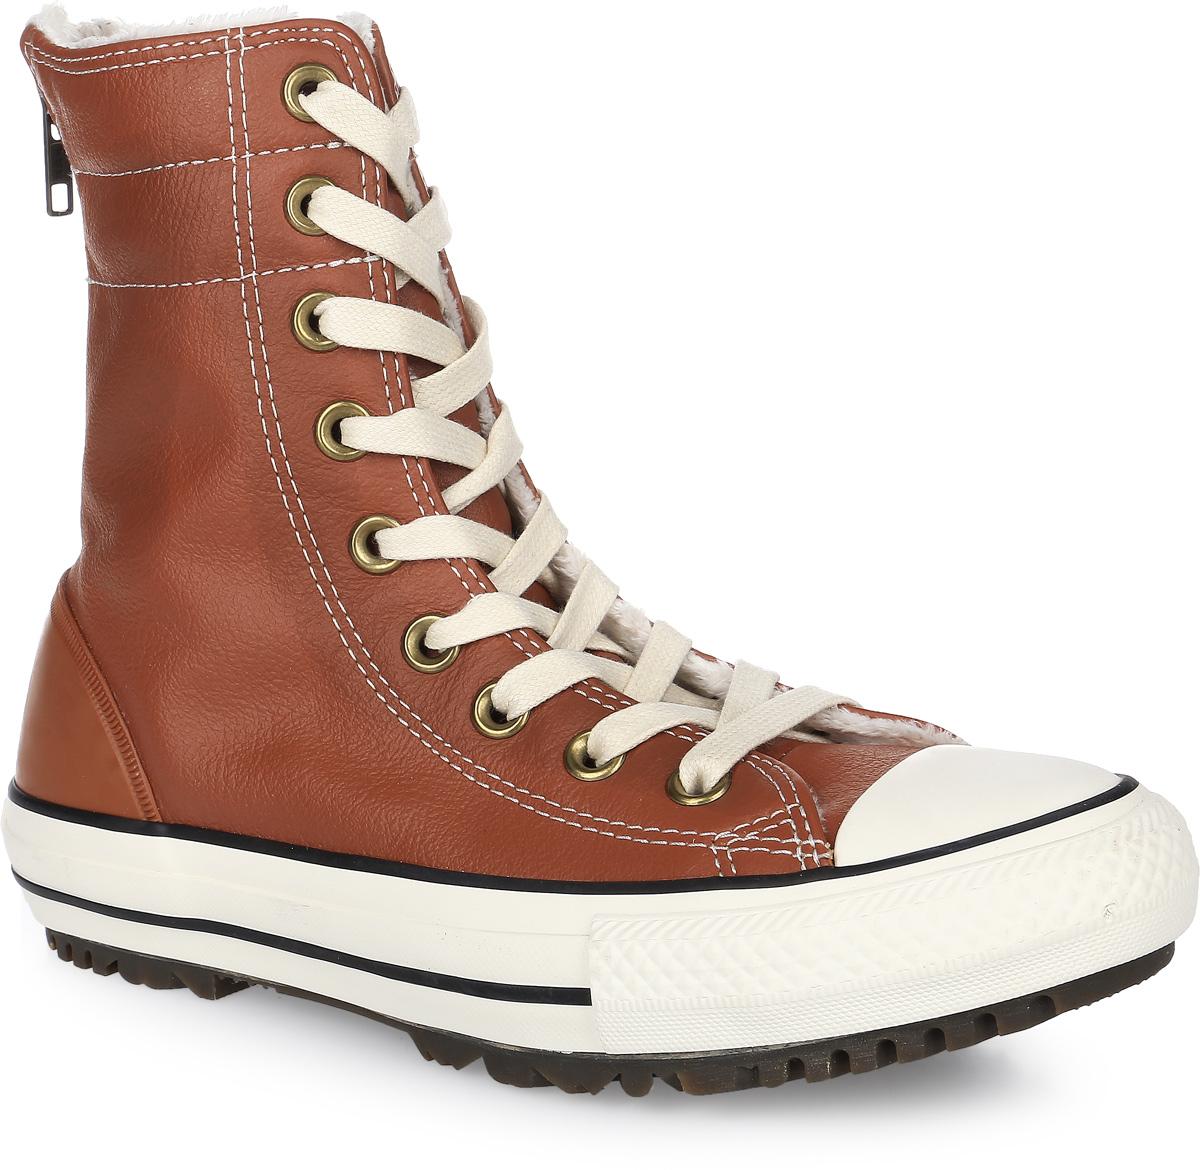 Кеды женские Converse Chuck Taylor All Star Hi-Rise Boot Leather + Fur, цвет: коричневый. 553390. Размер 6,5 (37)553390Кеды Converse выполнены из натуральной кожи и оформлены фирменной нашивкой. На ноге модель фиксируется с помощью шнурков и молнии, которая расположена на задней части. Задник дополнен резиновой накладкой для лучшей сохранности обуви. Внутренняя поверхность и стелька выполнены из искусственного меха, который обеспечит тепло и комфорт. Подошва изготовлена из высококачественной резины и дополнена протектором, который гарантирует отличное сцепление с любой поверхностью.